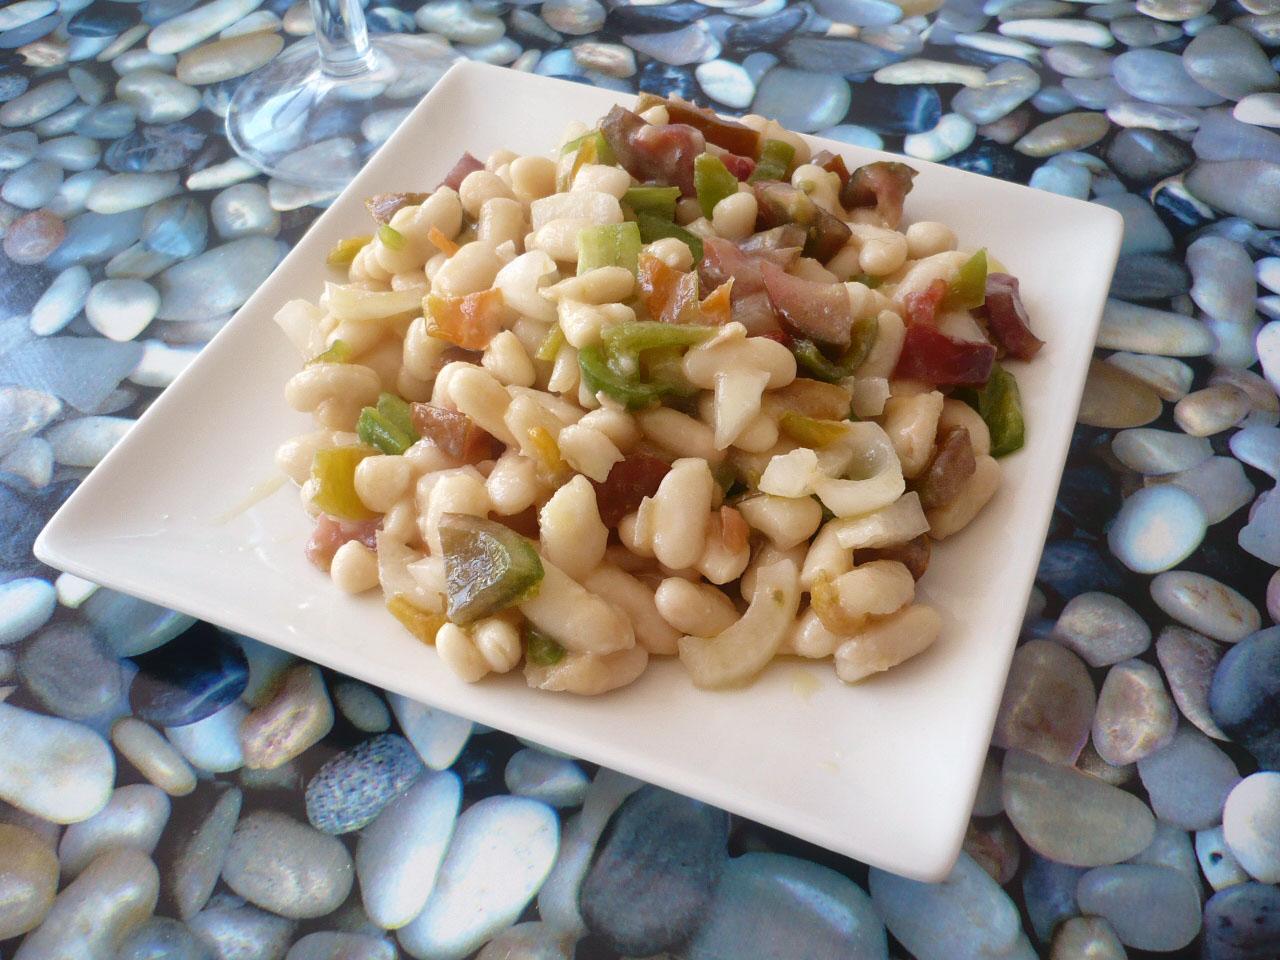 Cocinerando ensalada de alubias blancas - Ensalada de alubias ...